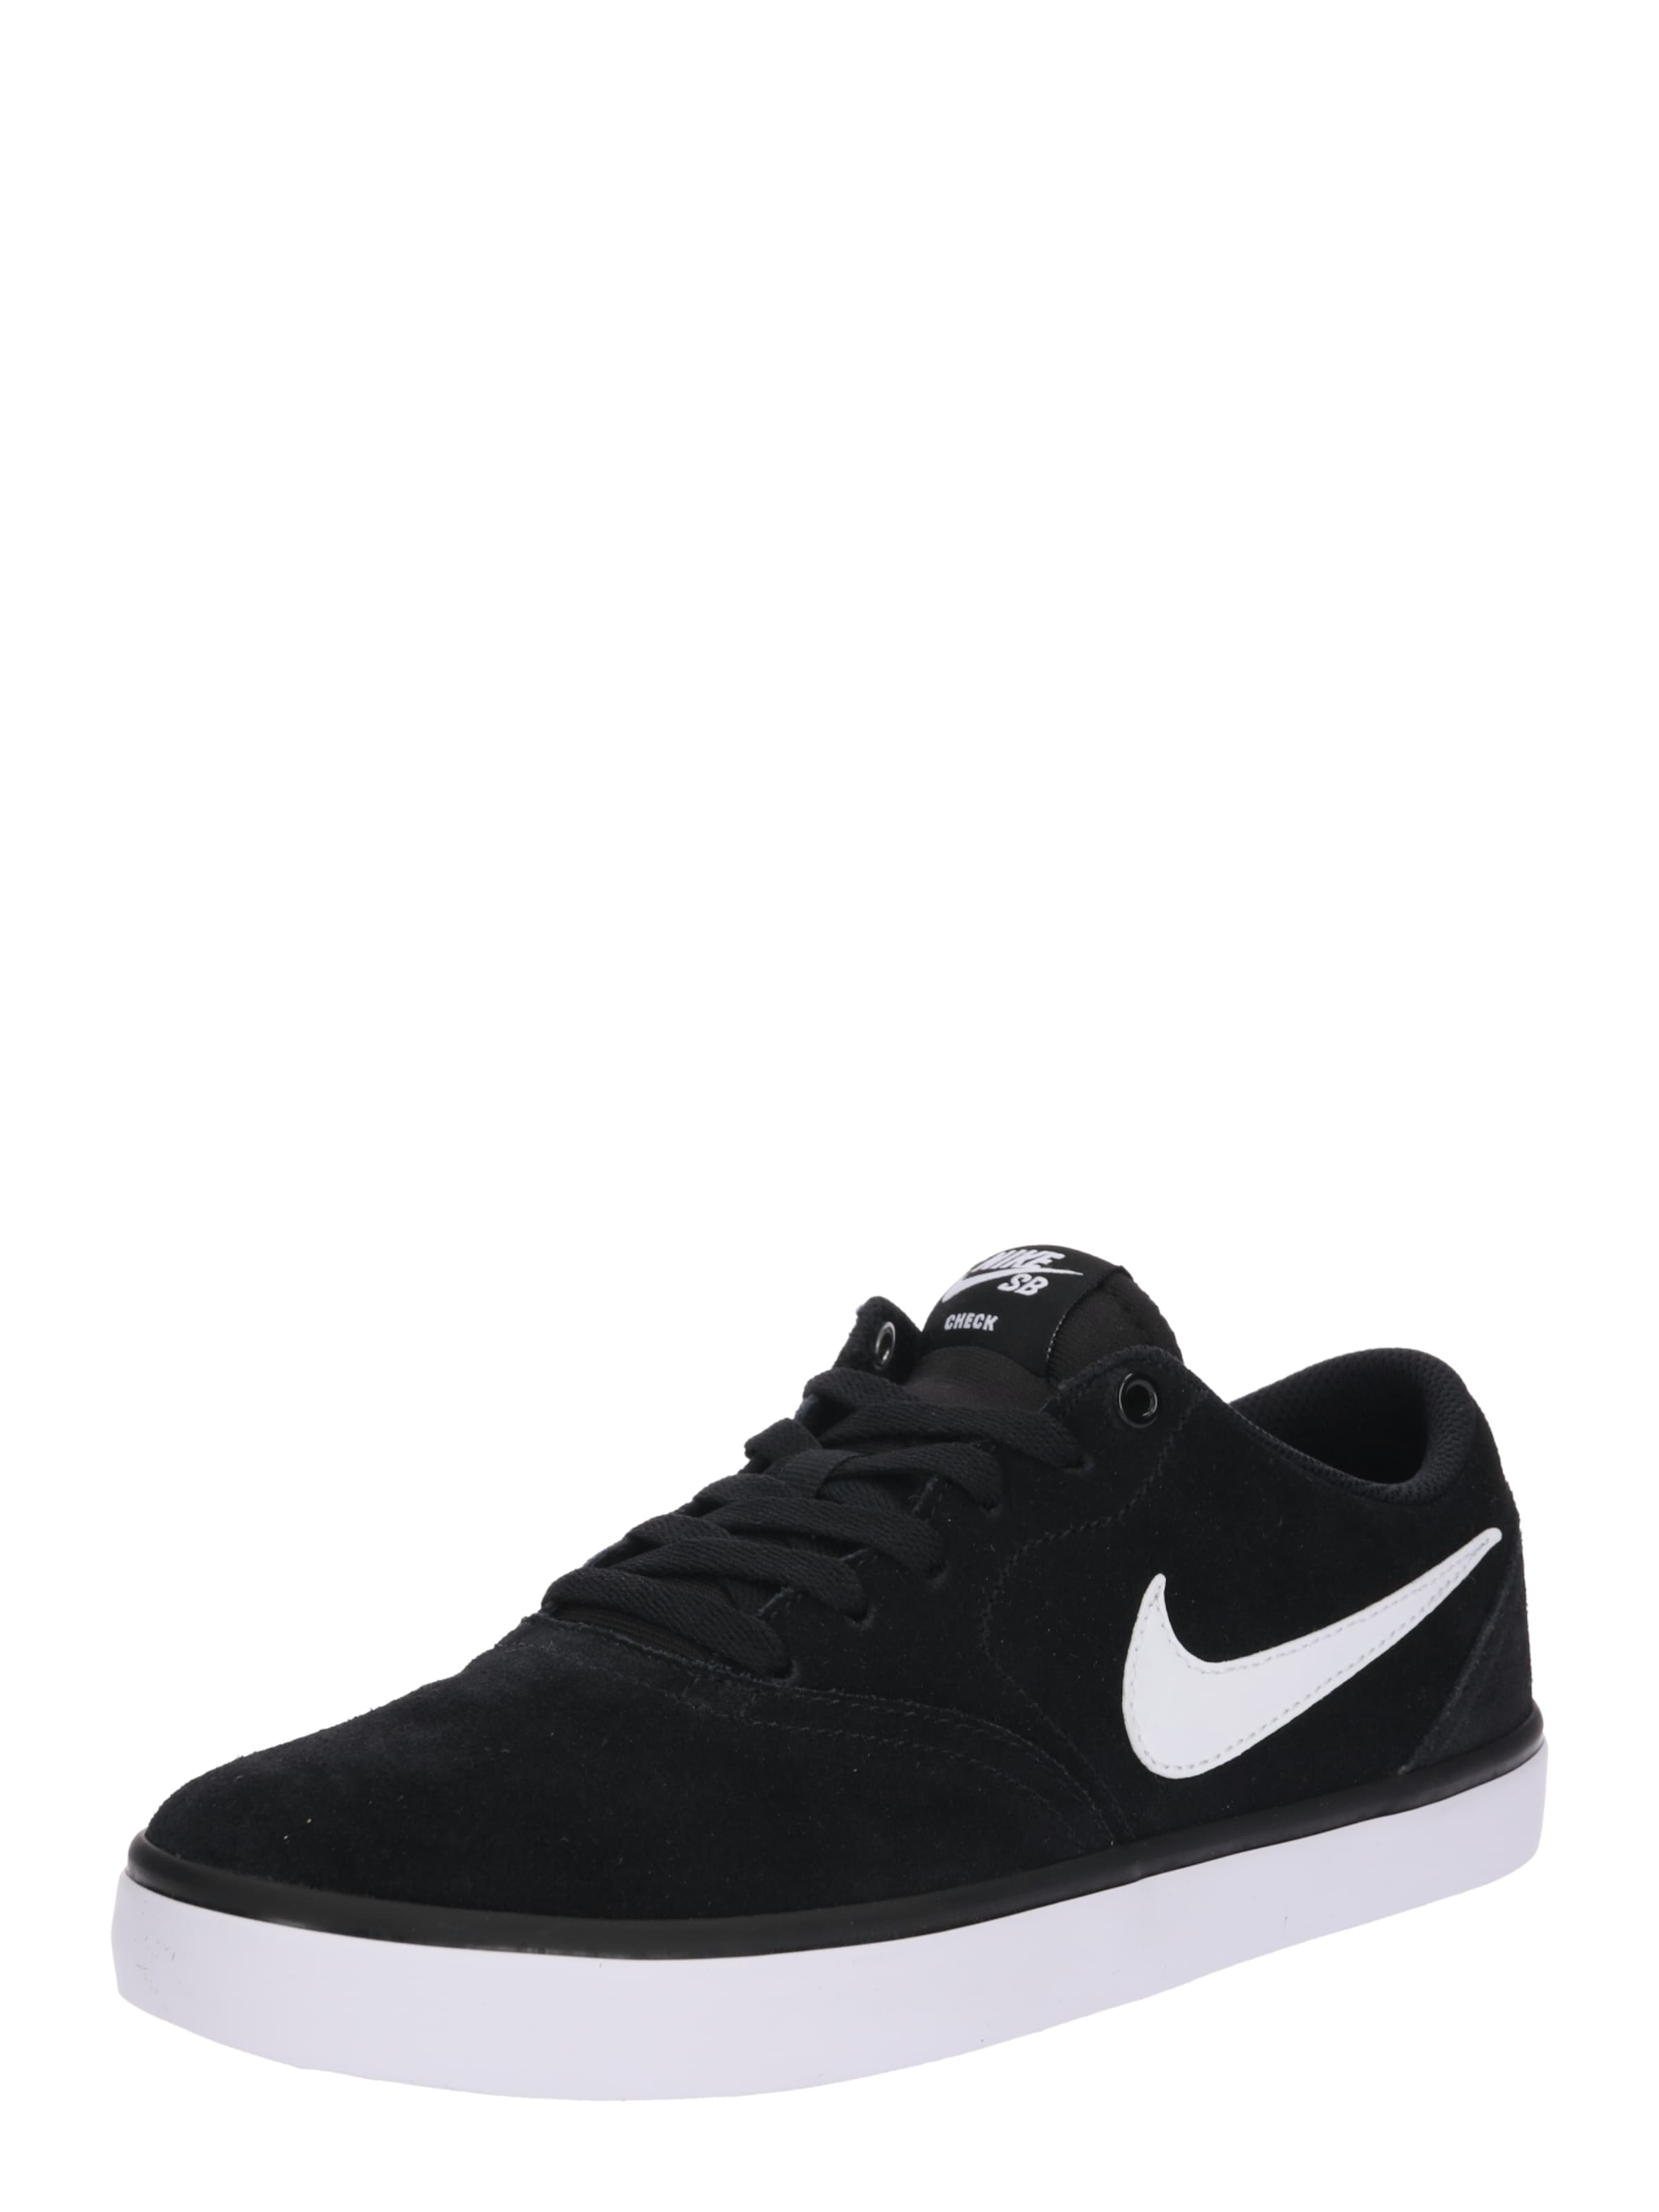 Noir Skate' 'sb Check Baskets Basses En Nike Sb Solarsoft 8nwvmN0